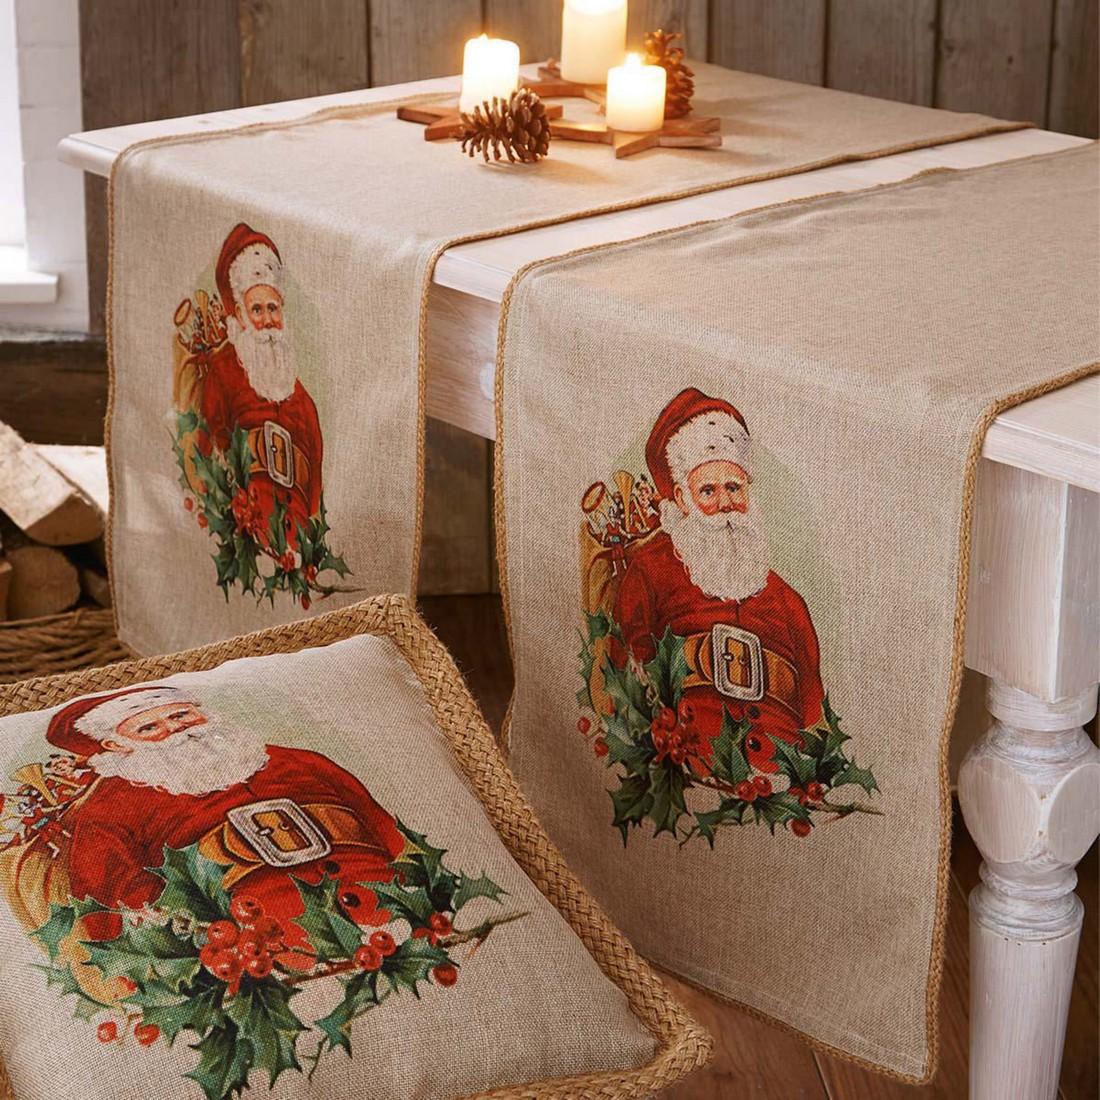 Tischläufer Nostalgie Weihnachtsmann – Natur/Bunt, PureDay günstig bestellen